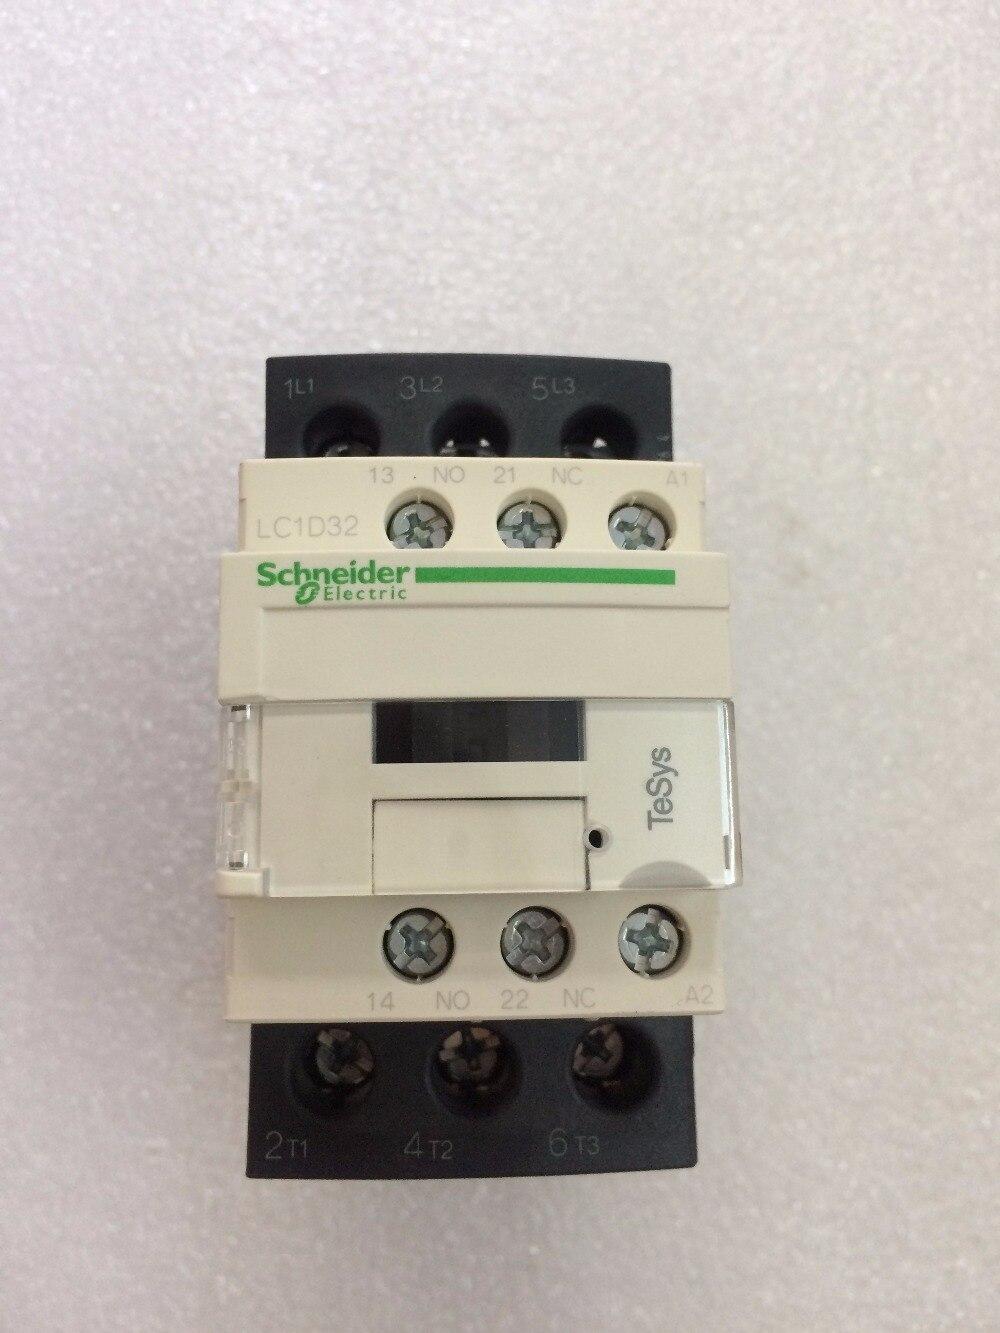 Tesys D Contactor  LC1D32 LC1D32B7 LC1D32B7C  coil AC24V   32A Tesys D Contactor  LC1D32 LC1D32B7 LC1D32B7C  coil AC24V   32A